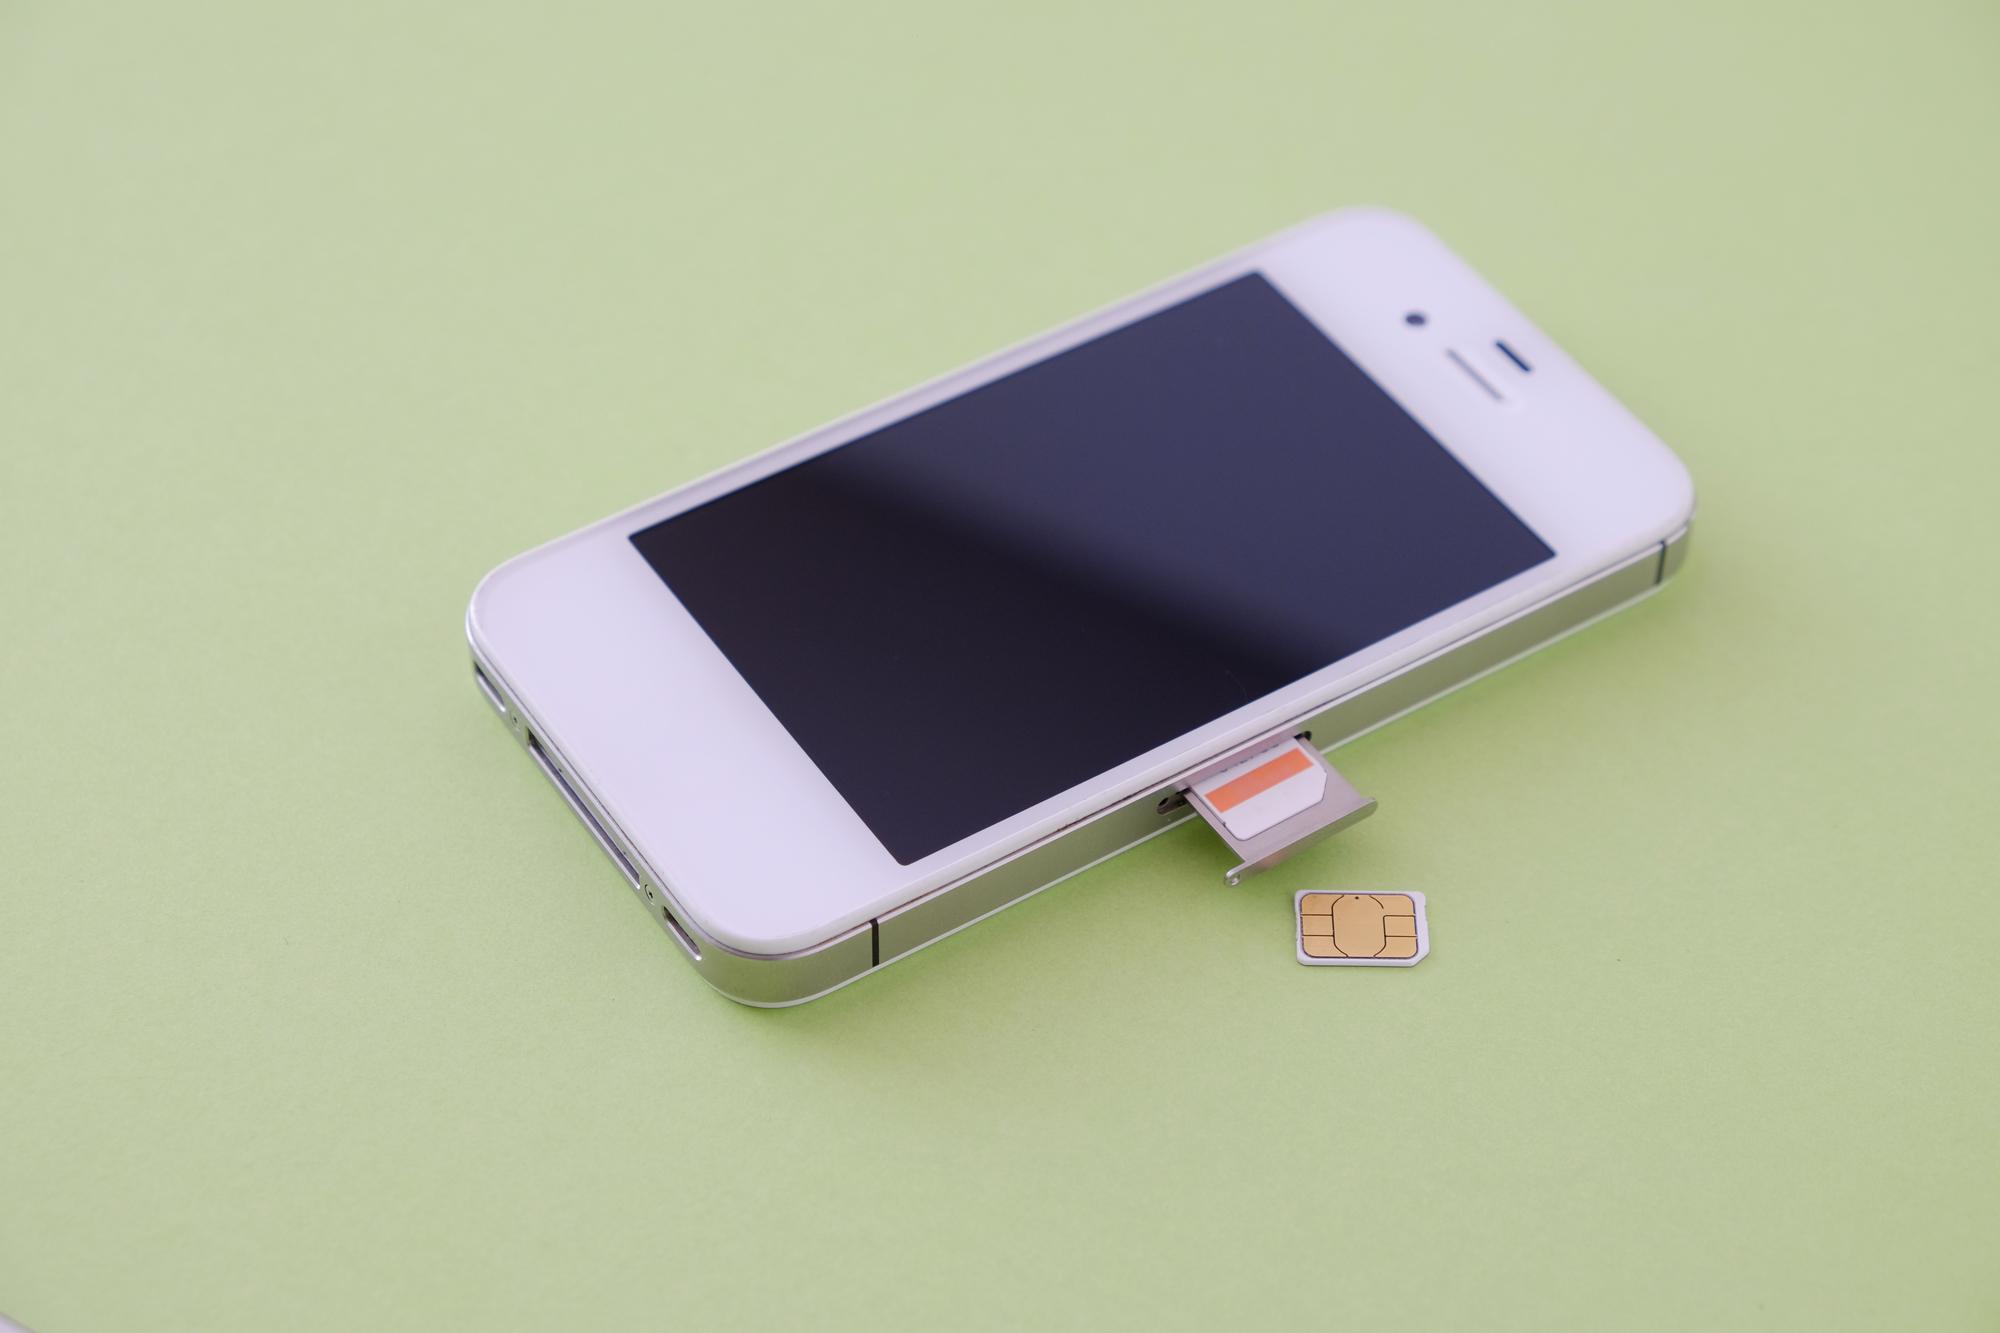 【データ通信専用】2GBプランの格安SIM4社を比較